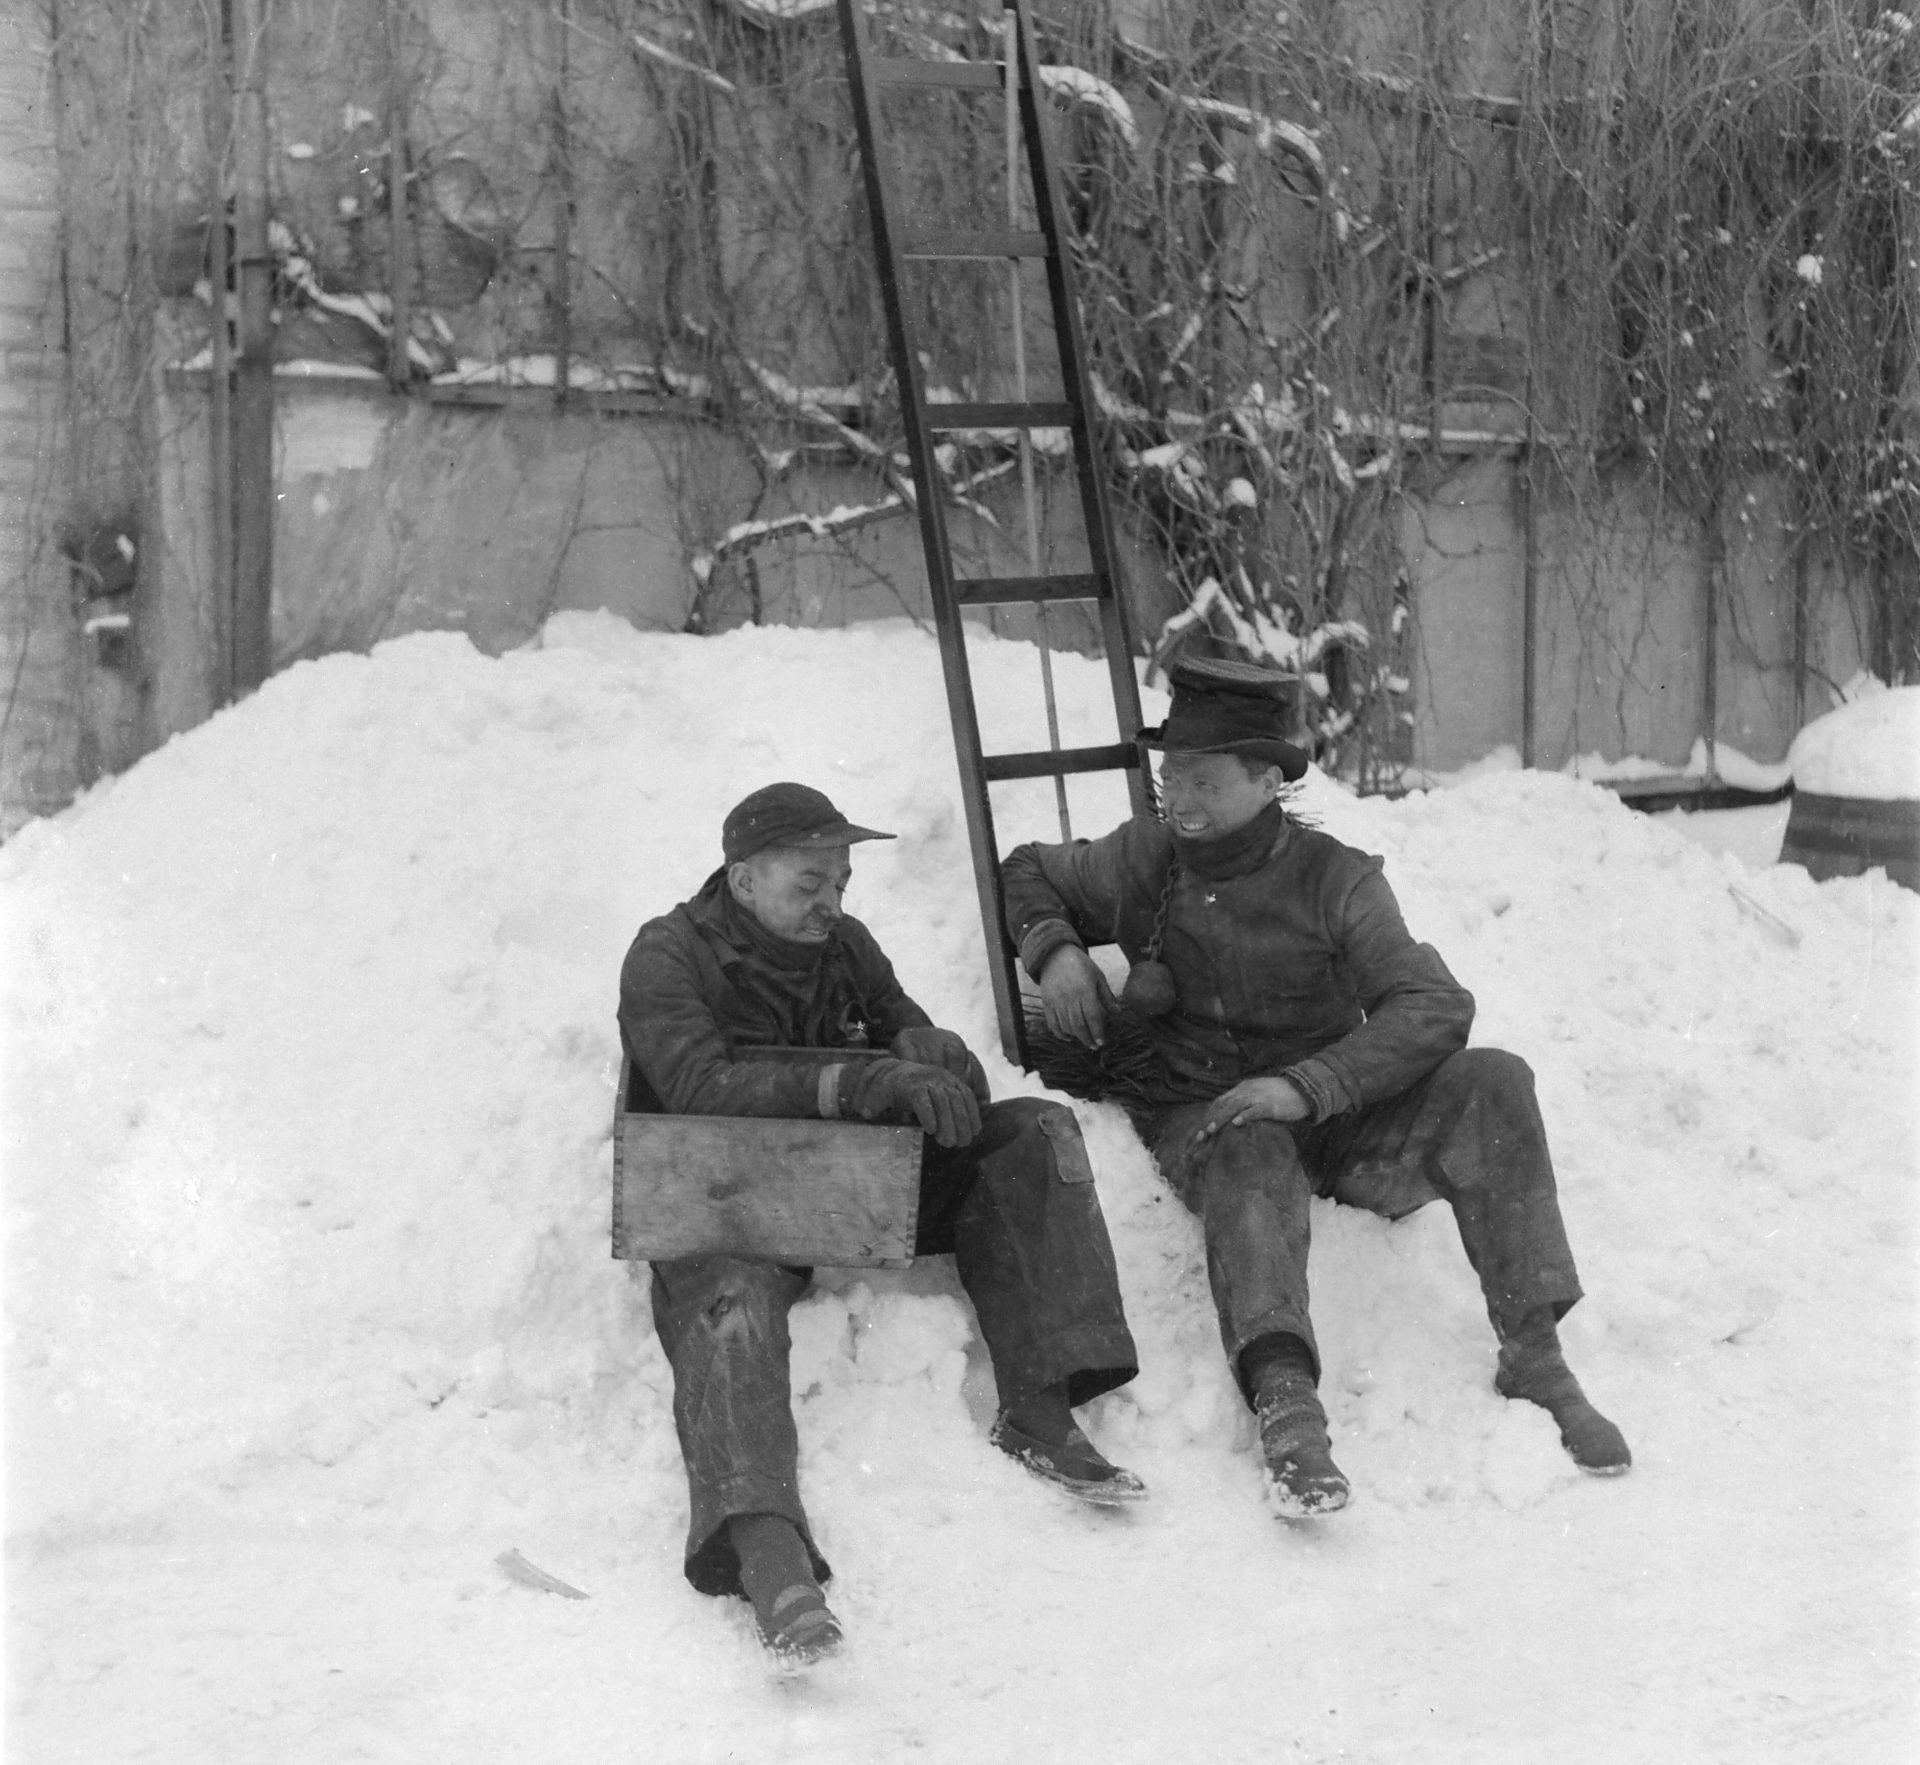 Skorstensfejer sidder i en bunke sne